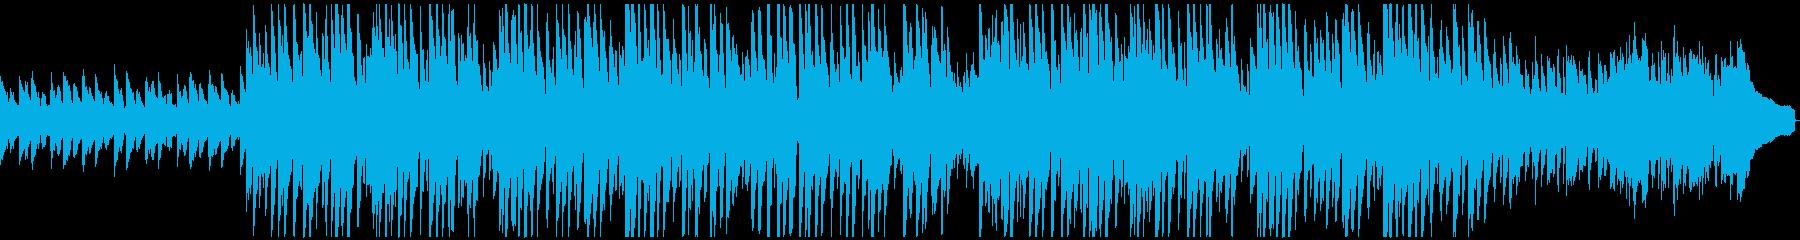 キラキラ爽やかなピアノポップスの再生済みの波形